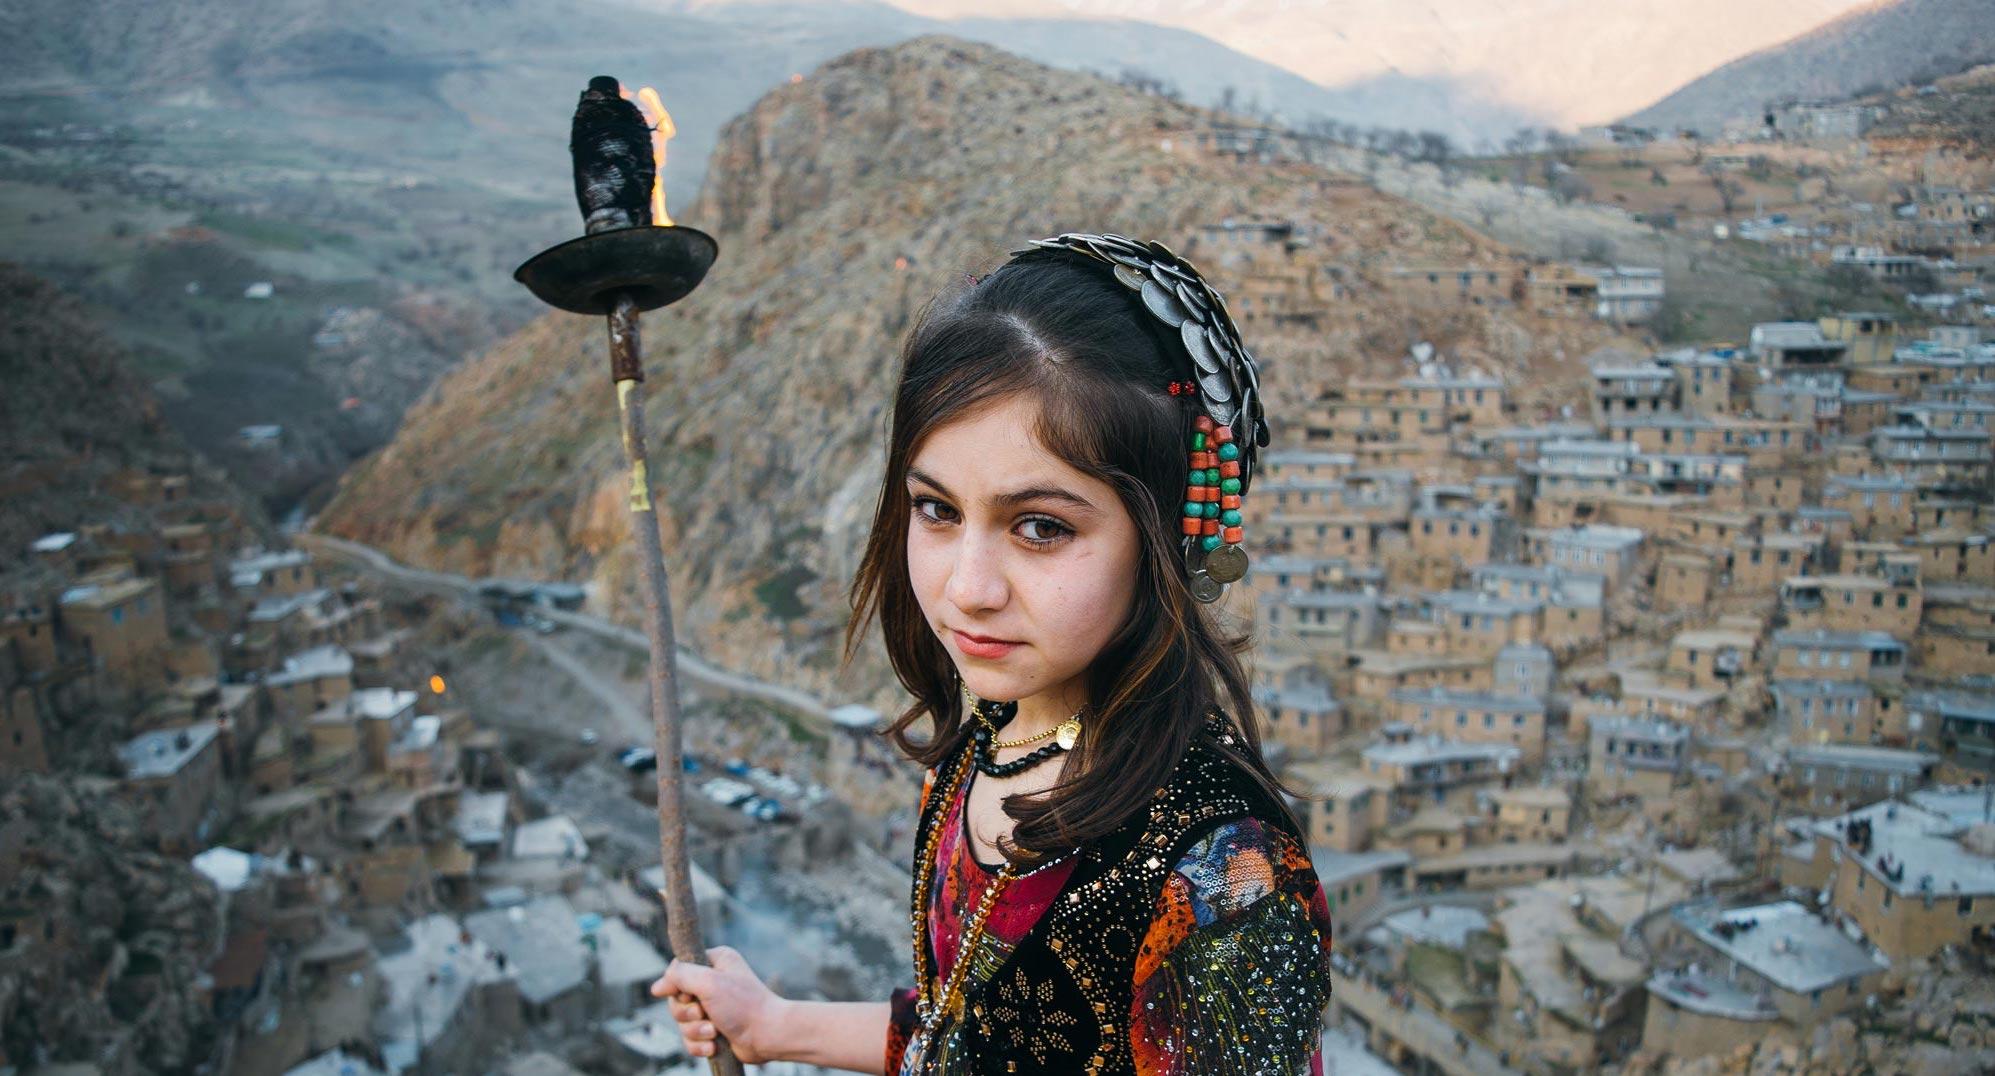 Что такое Новруз и почему он запрещен во многих странах? Объясняют курды из Сирии и Ирака